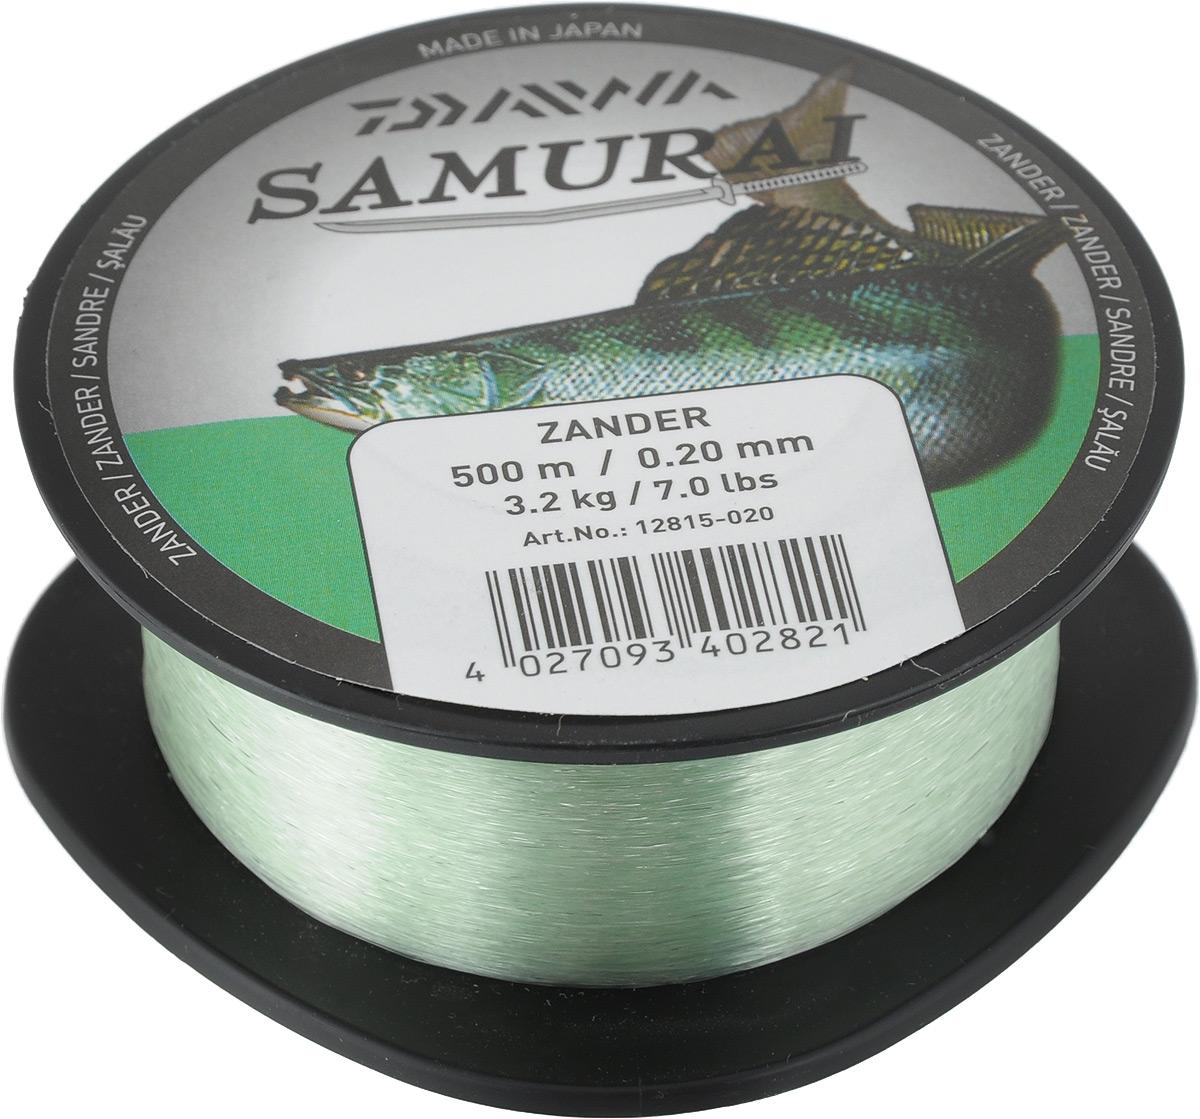 Леска Daiwa Samurai Zander, цвет: светло-зеленый, 500 м, 0,2 мм, 3,2 кг807Популярная леска Daiwa Samurai Zander применяется для ловли разнообразной рыбы. Изготовлена из прочного нейлона согласновысоким стандартам качества. Леска сочетает в себе великолепное соотношение цены и качества.